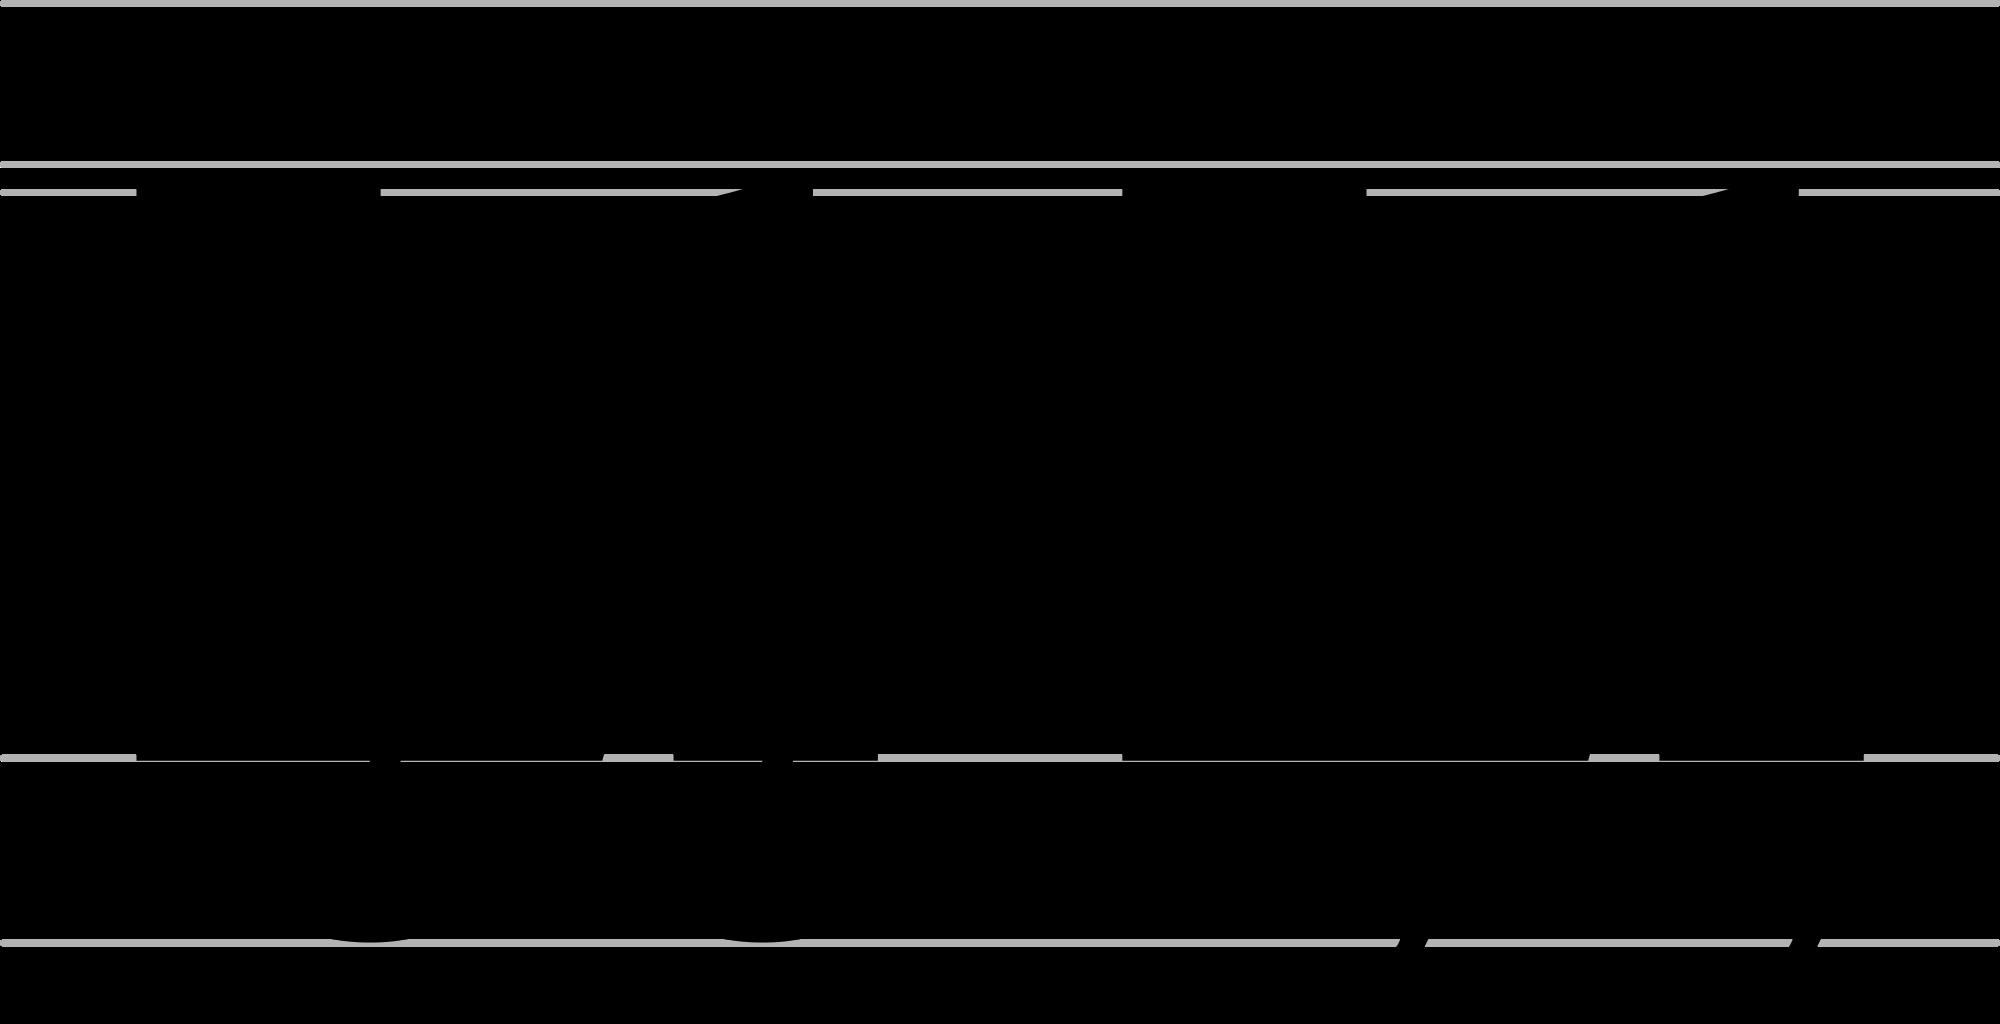 L clipart lowercase. File latin with cedilla